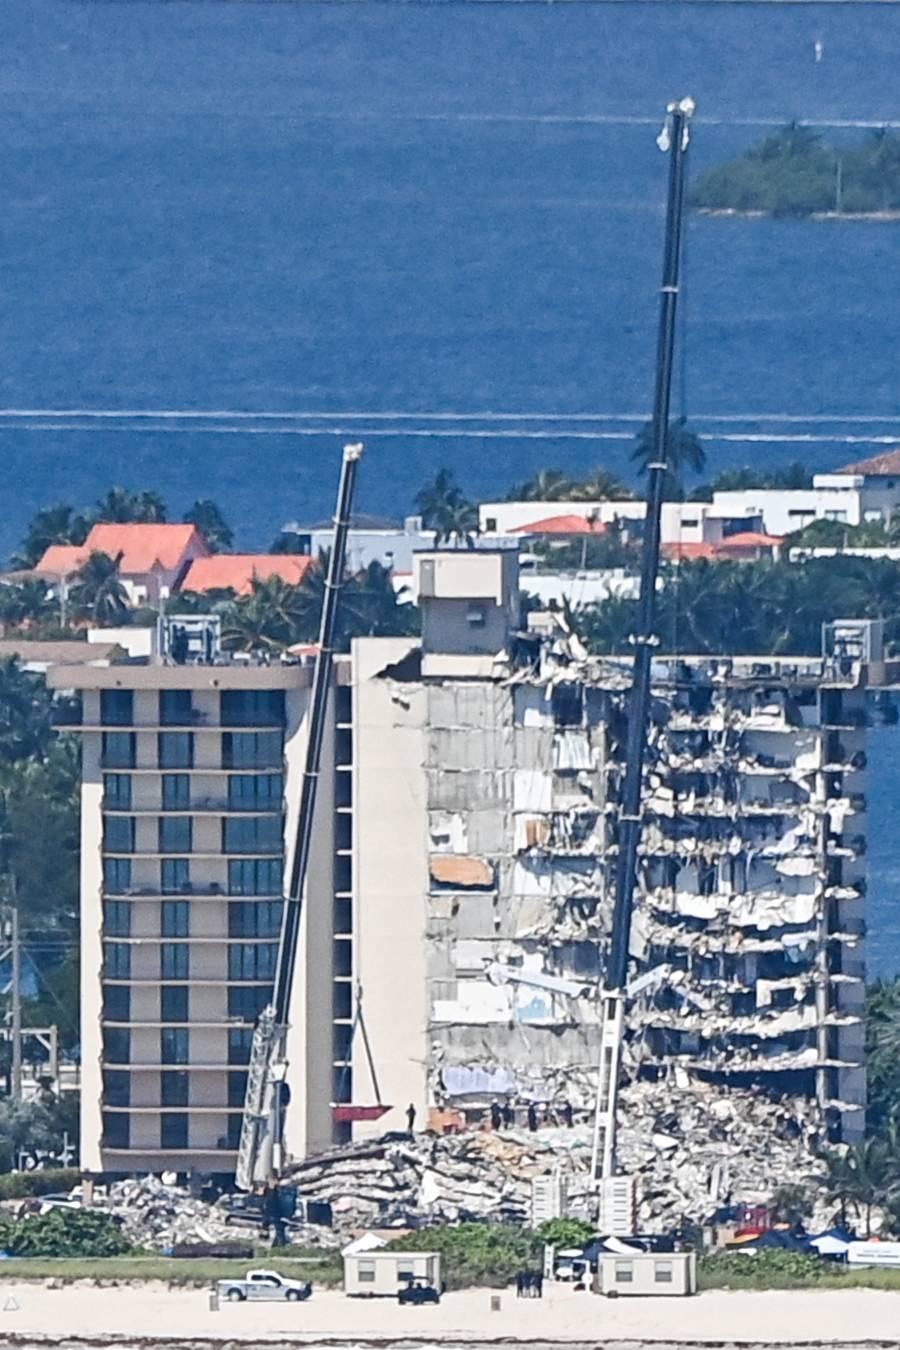 En Miami, demolerán lo que quedó del edificio derrumbado